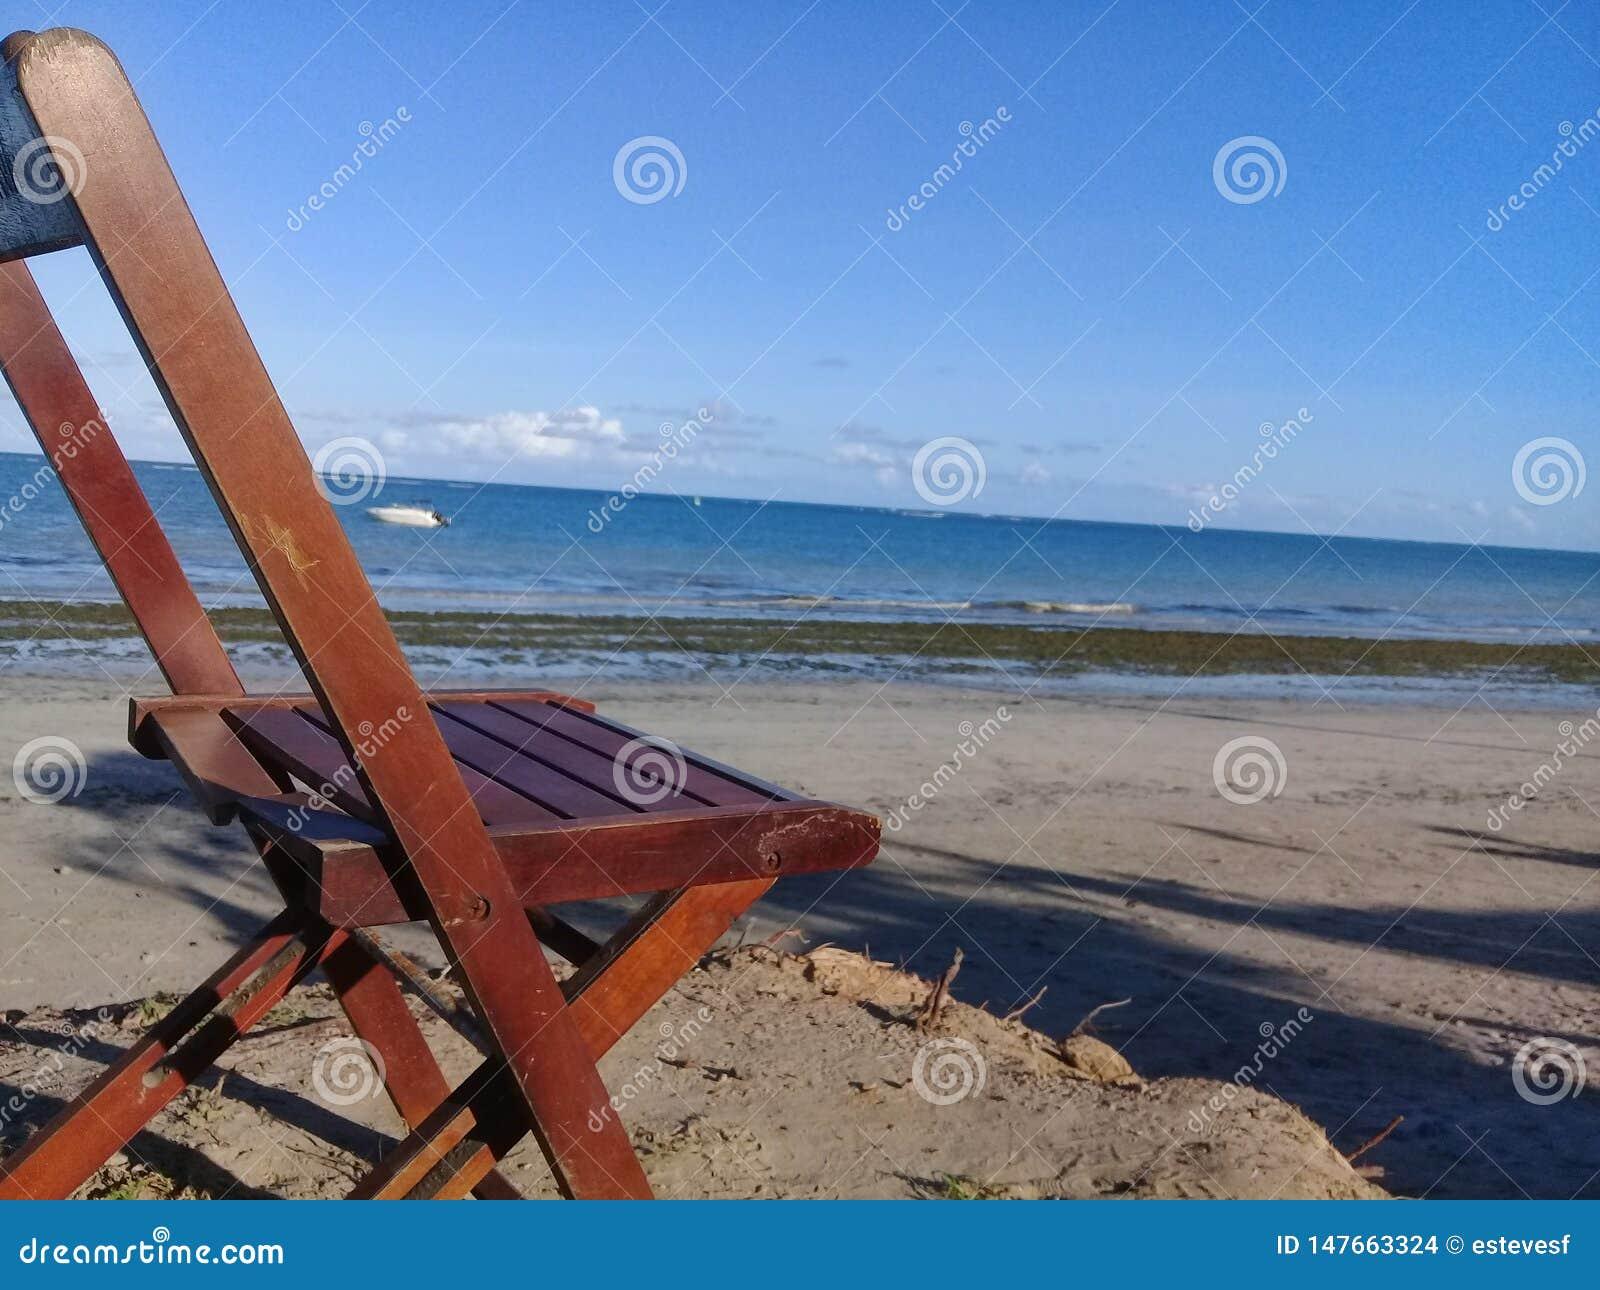 Bruten stol på stranden och ett fartyg bakom